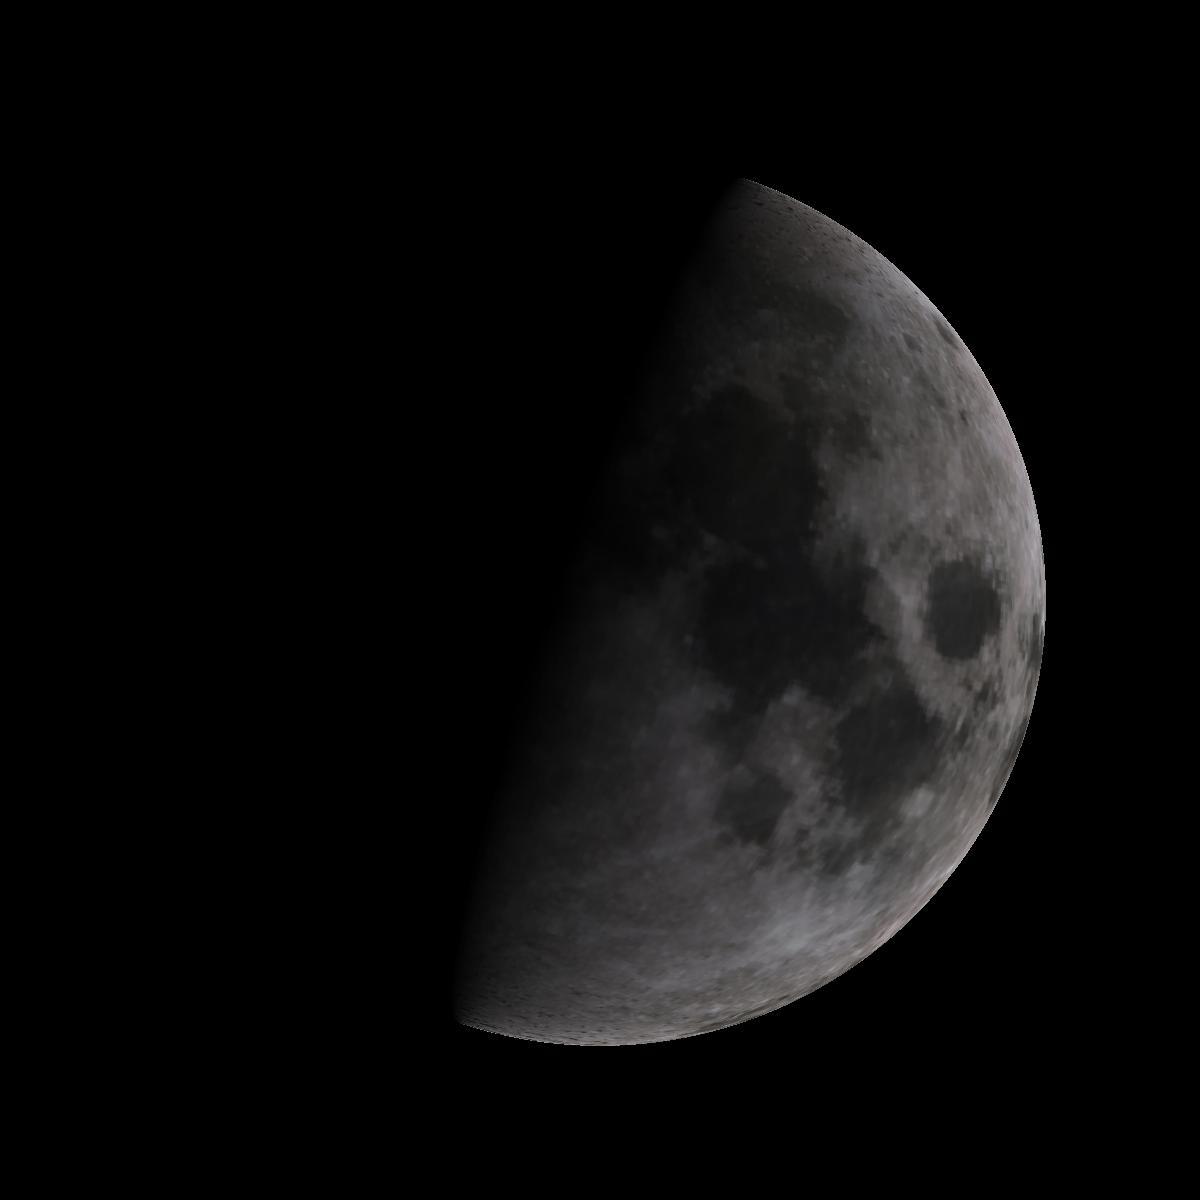 Lune du 5 novembre 2019